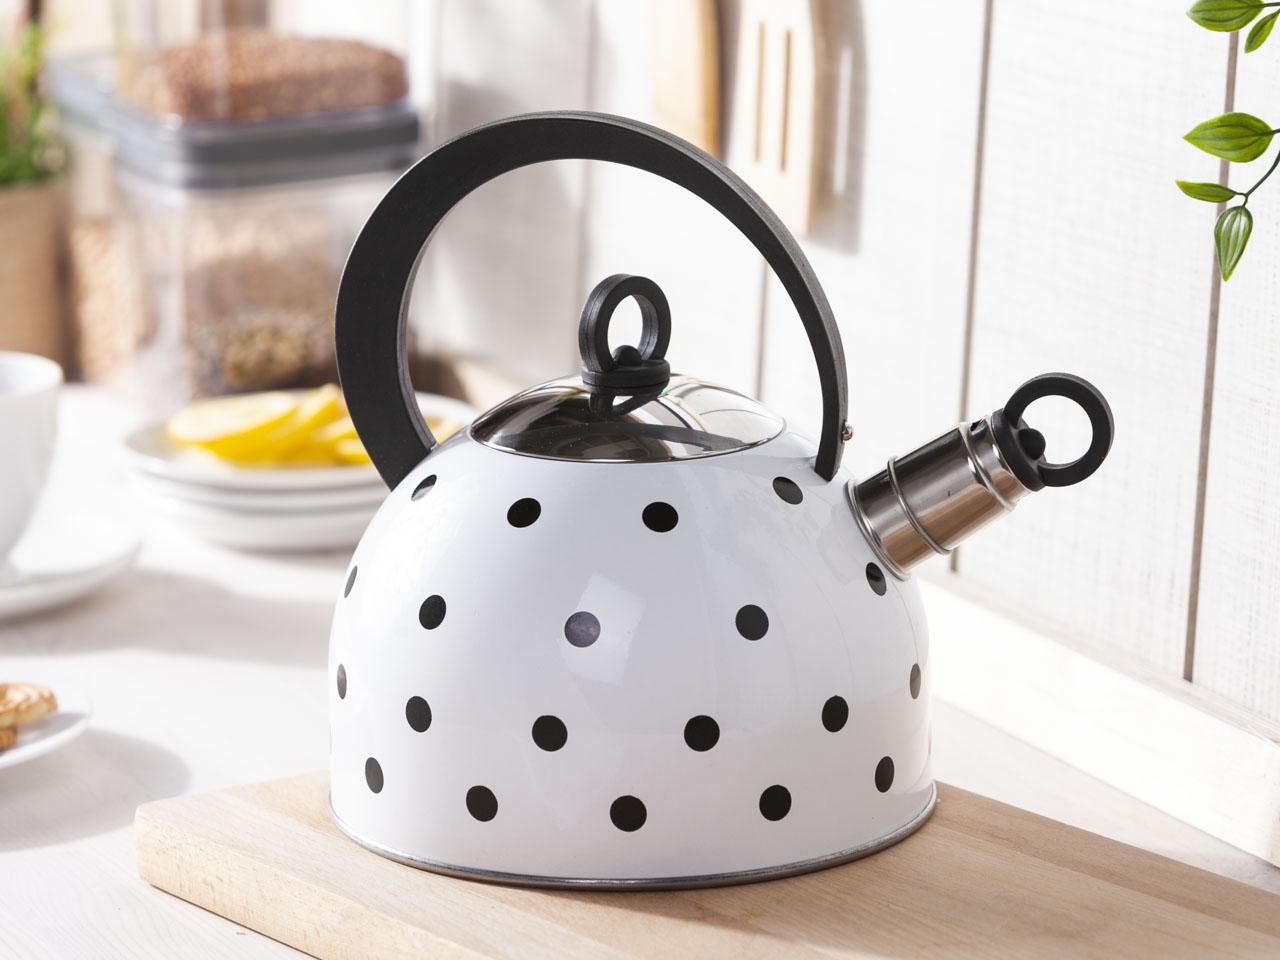 Czajnik nierdzewny na gaz i indukcję Altom Design Czarne Kropki 2,5 l